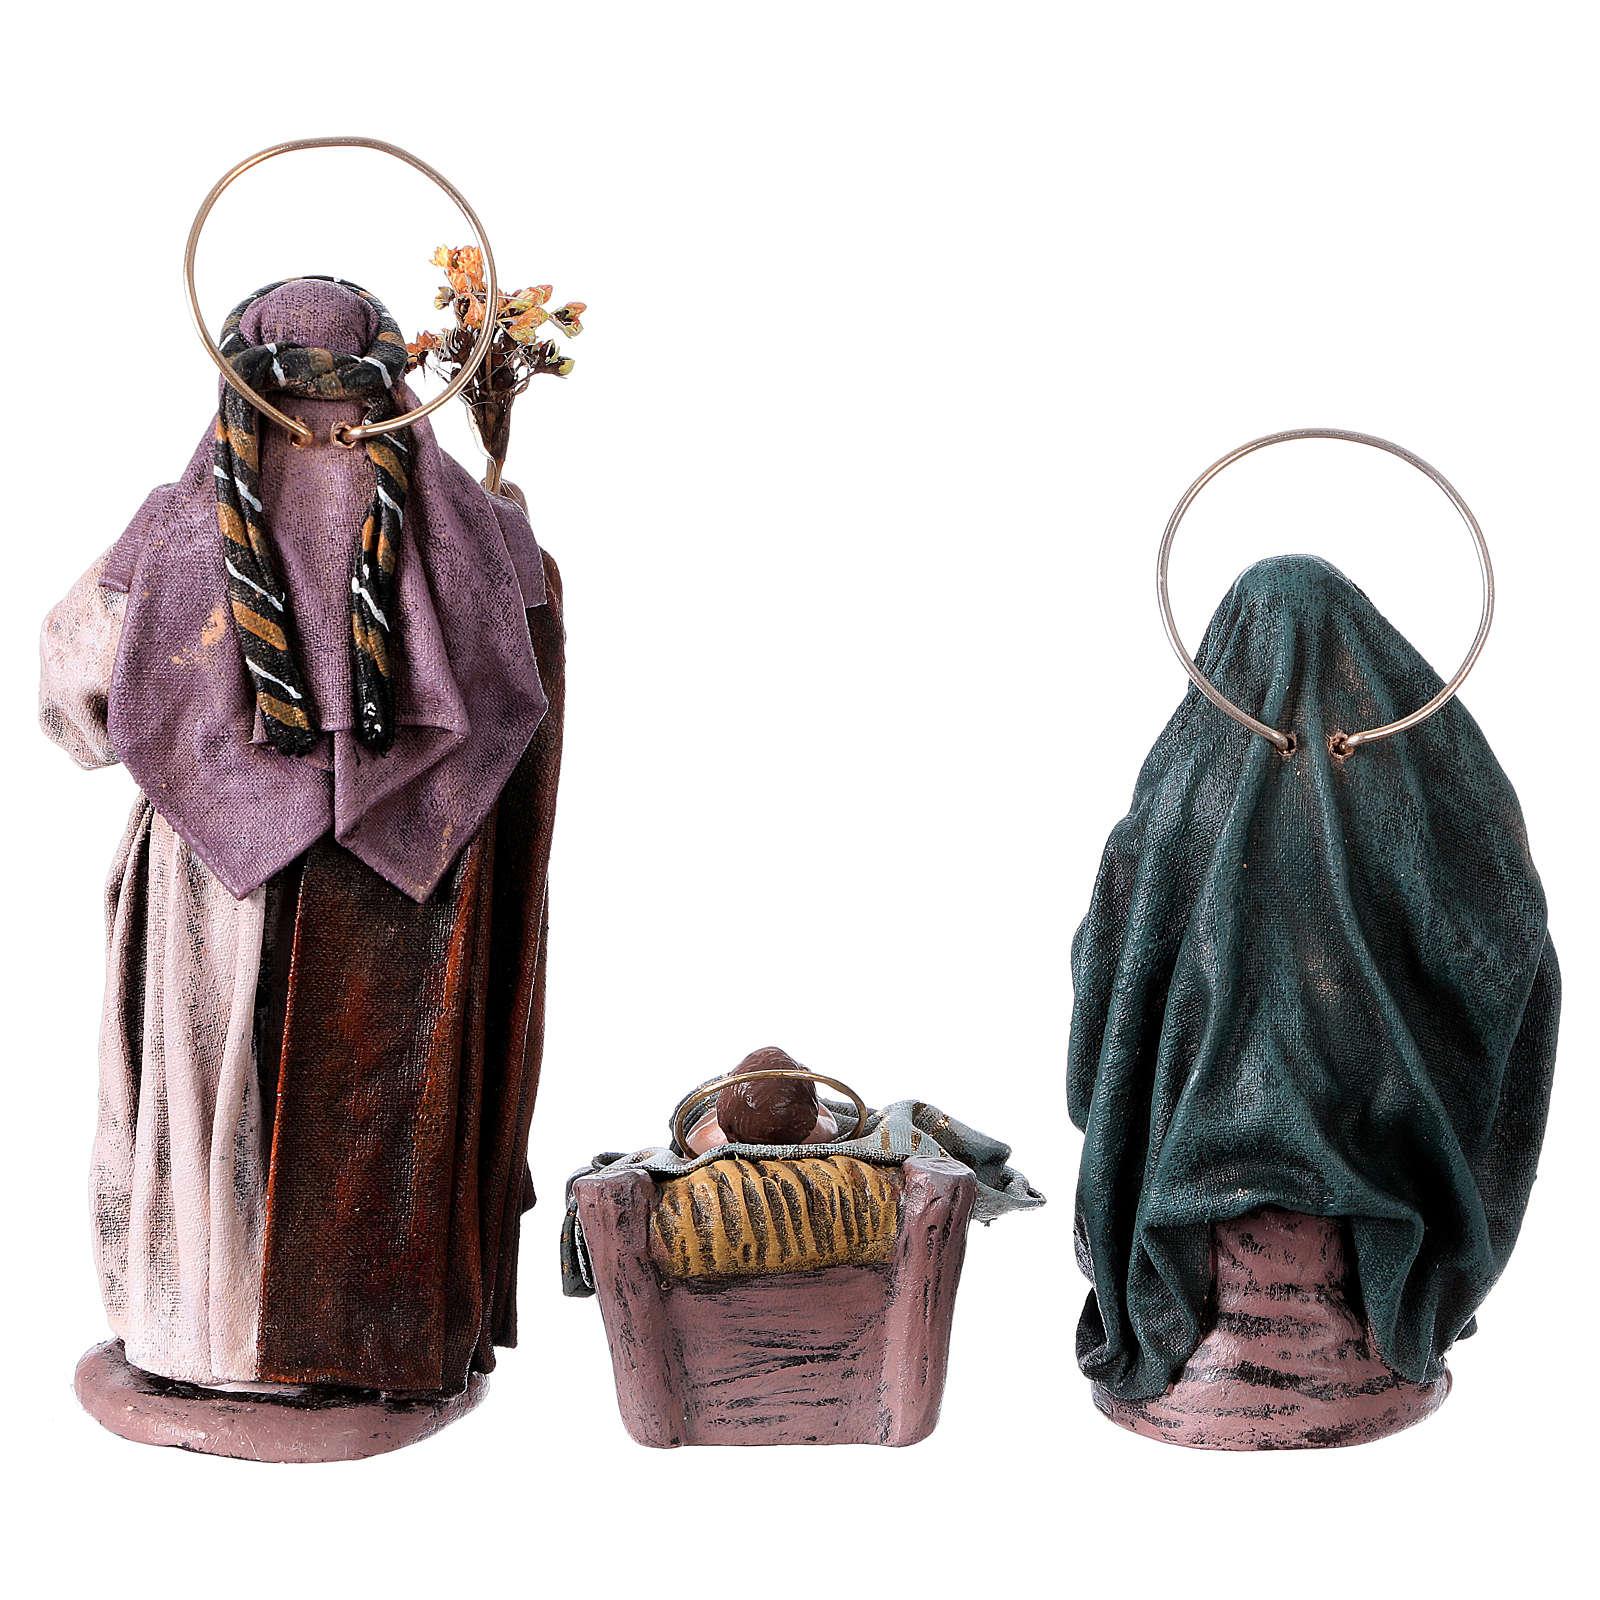 Natività 6 soggetti 14 cm in terracotta stile Spagnolo 3